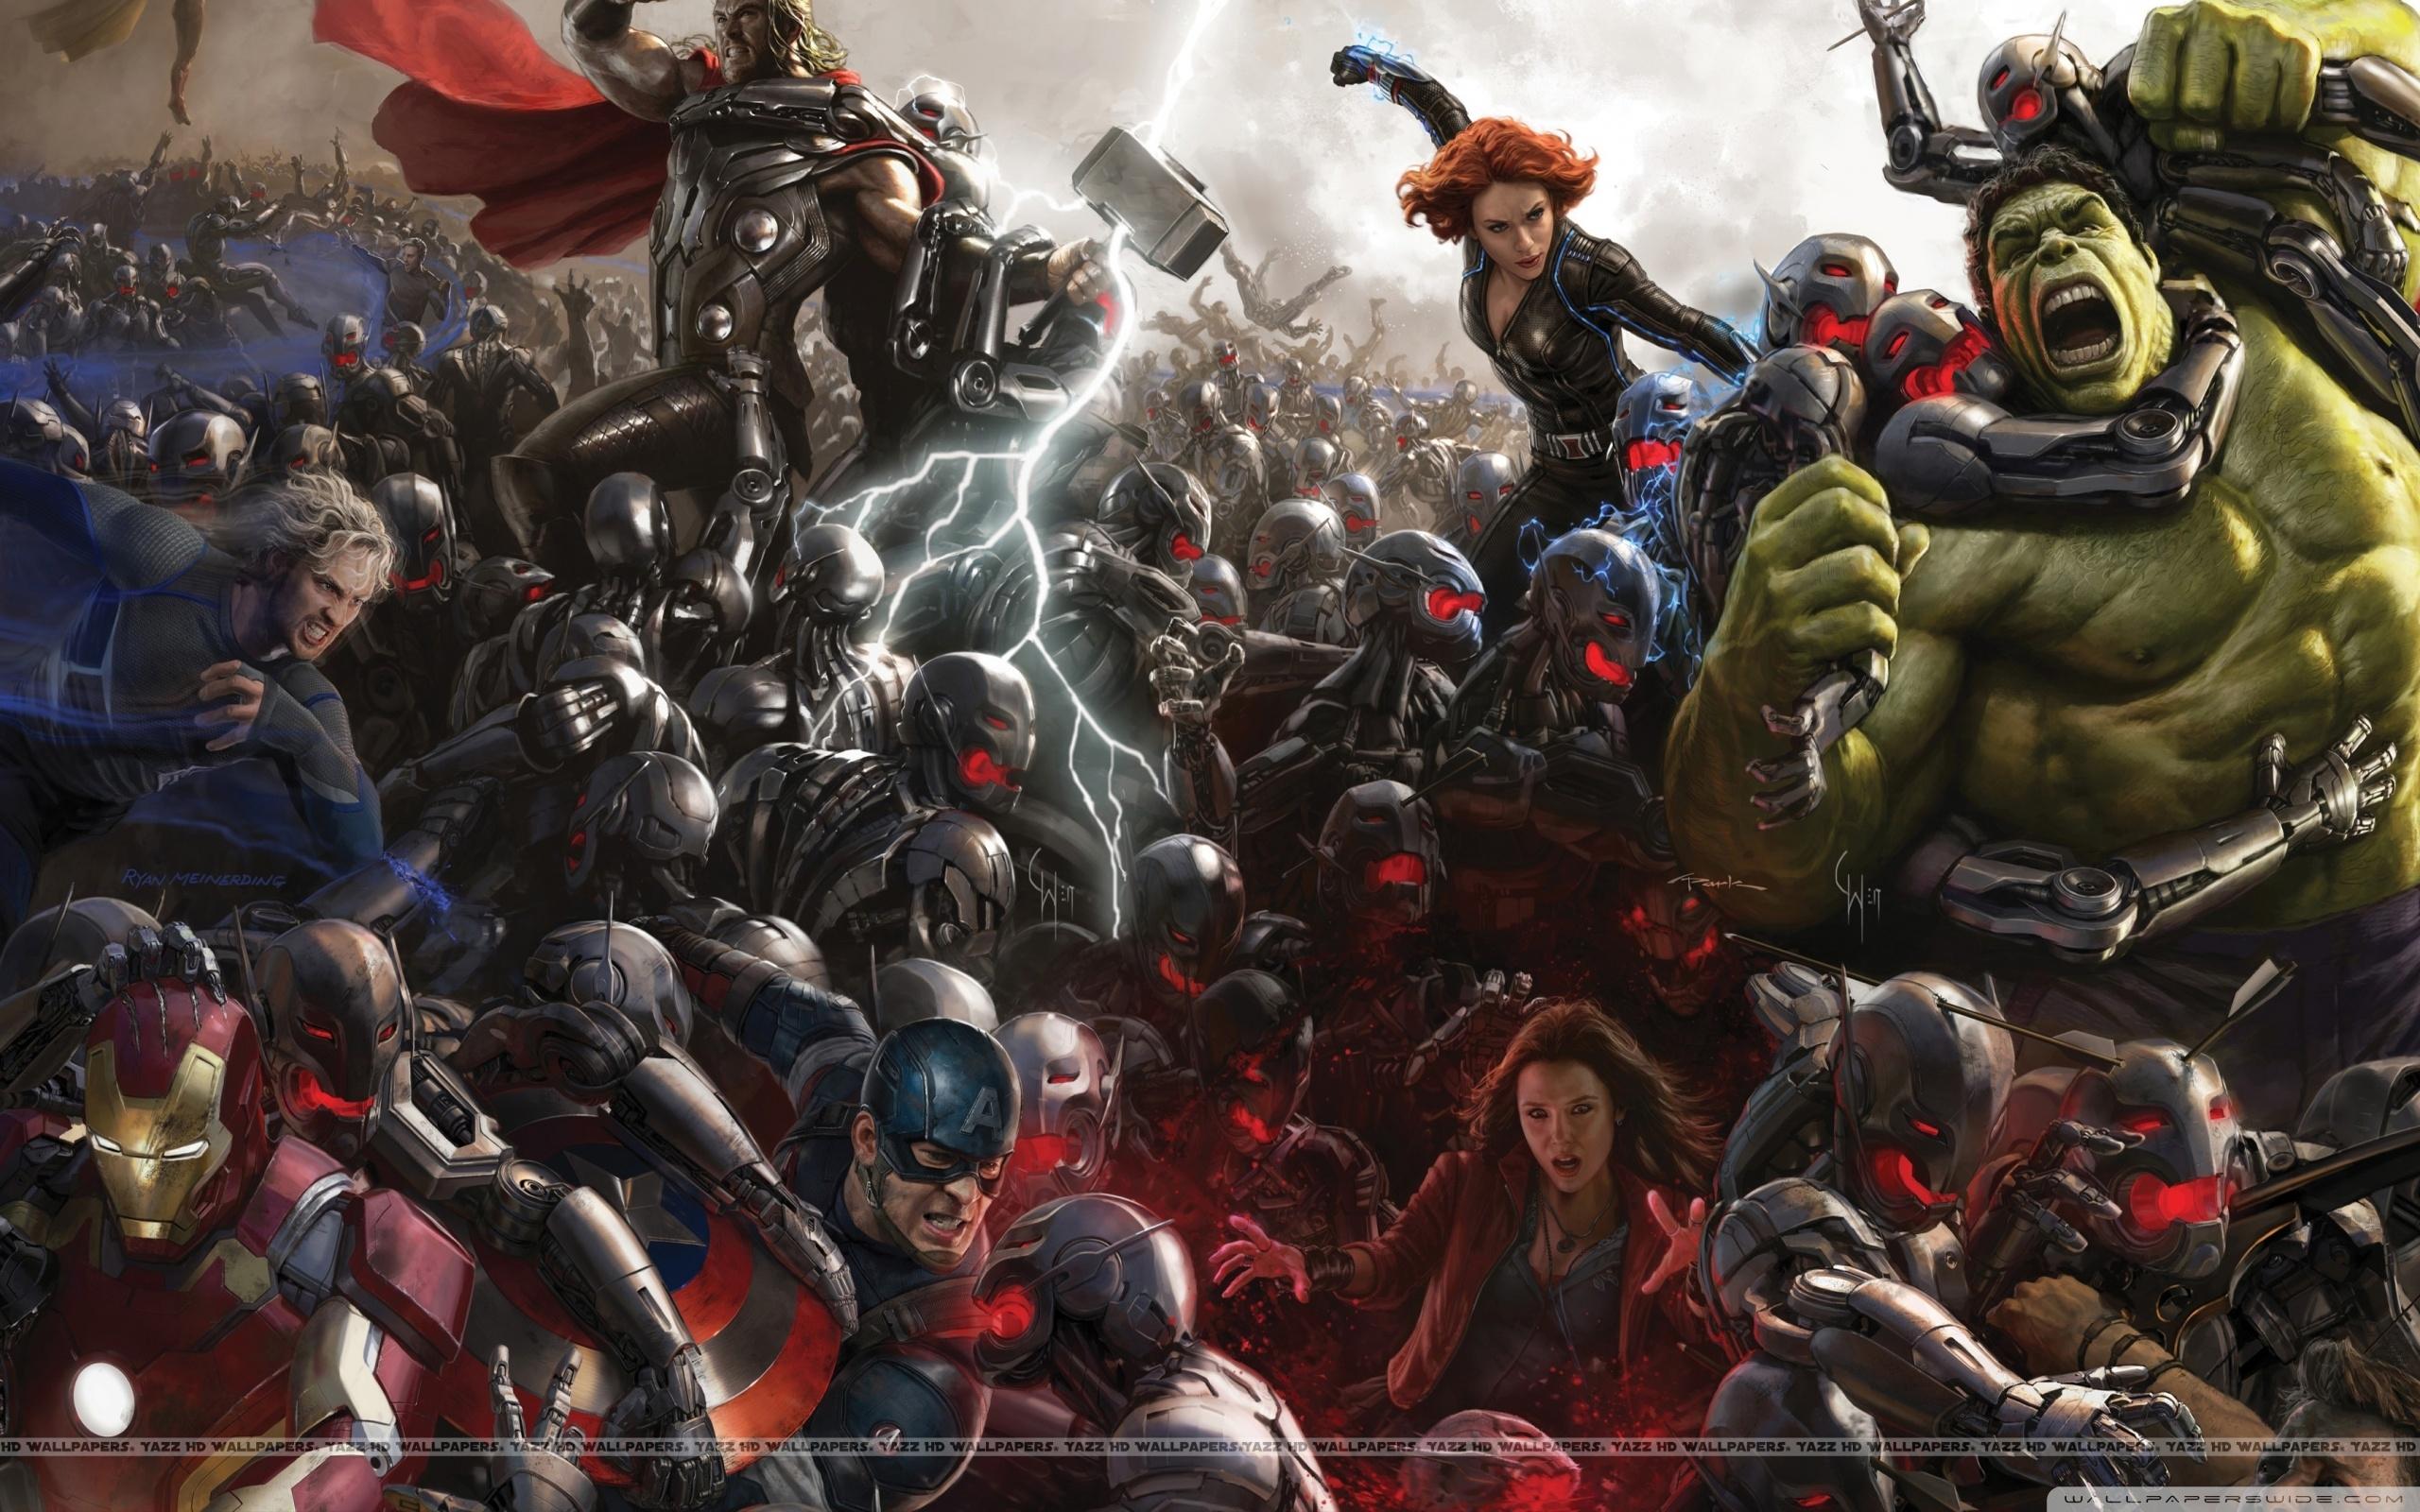 10 New Avengers Age Of Ultron Wallpaper Full Hd 1080p For Pc Desktop